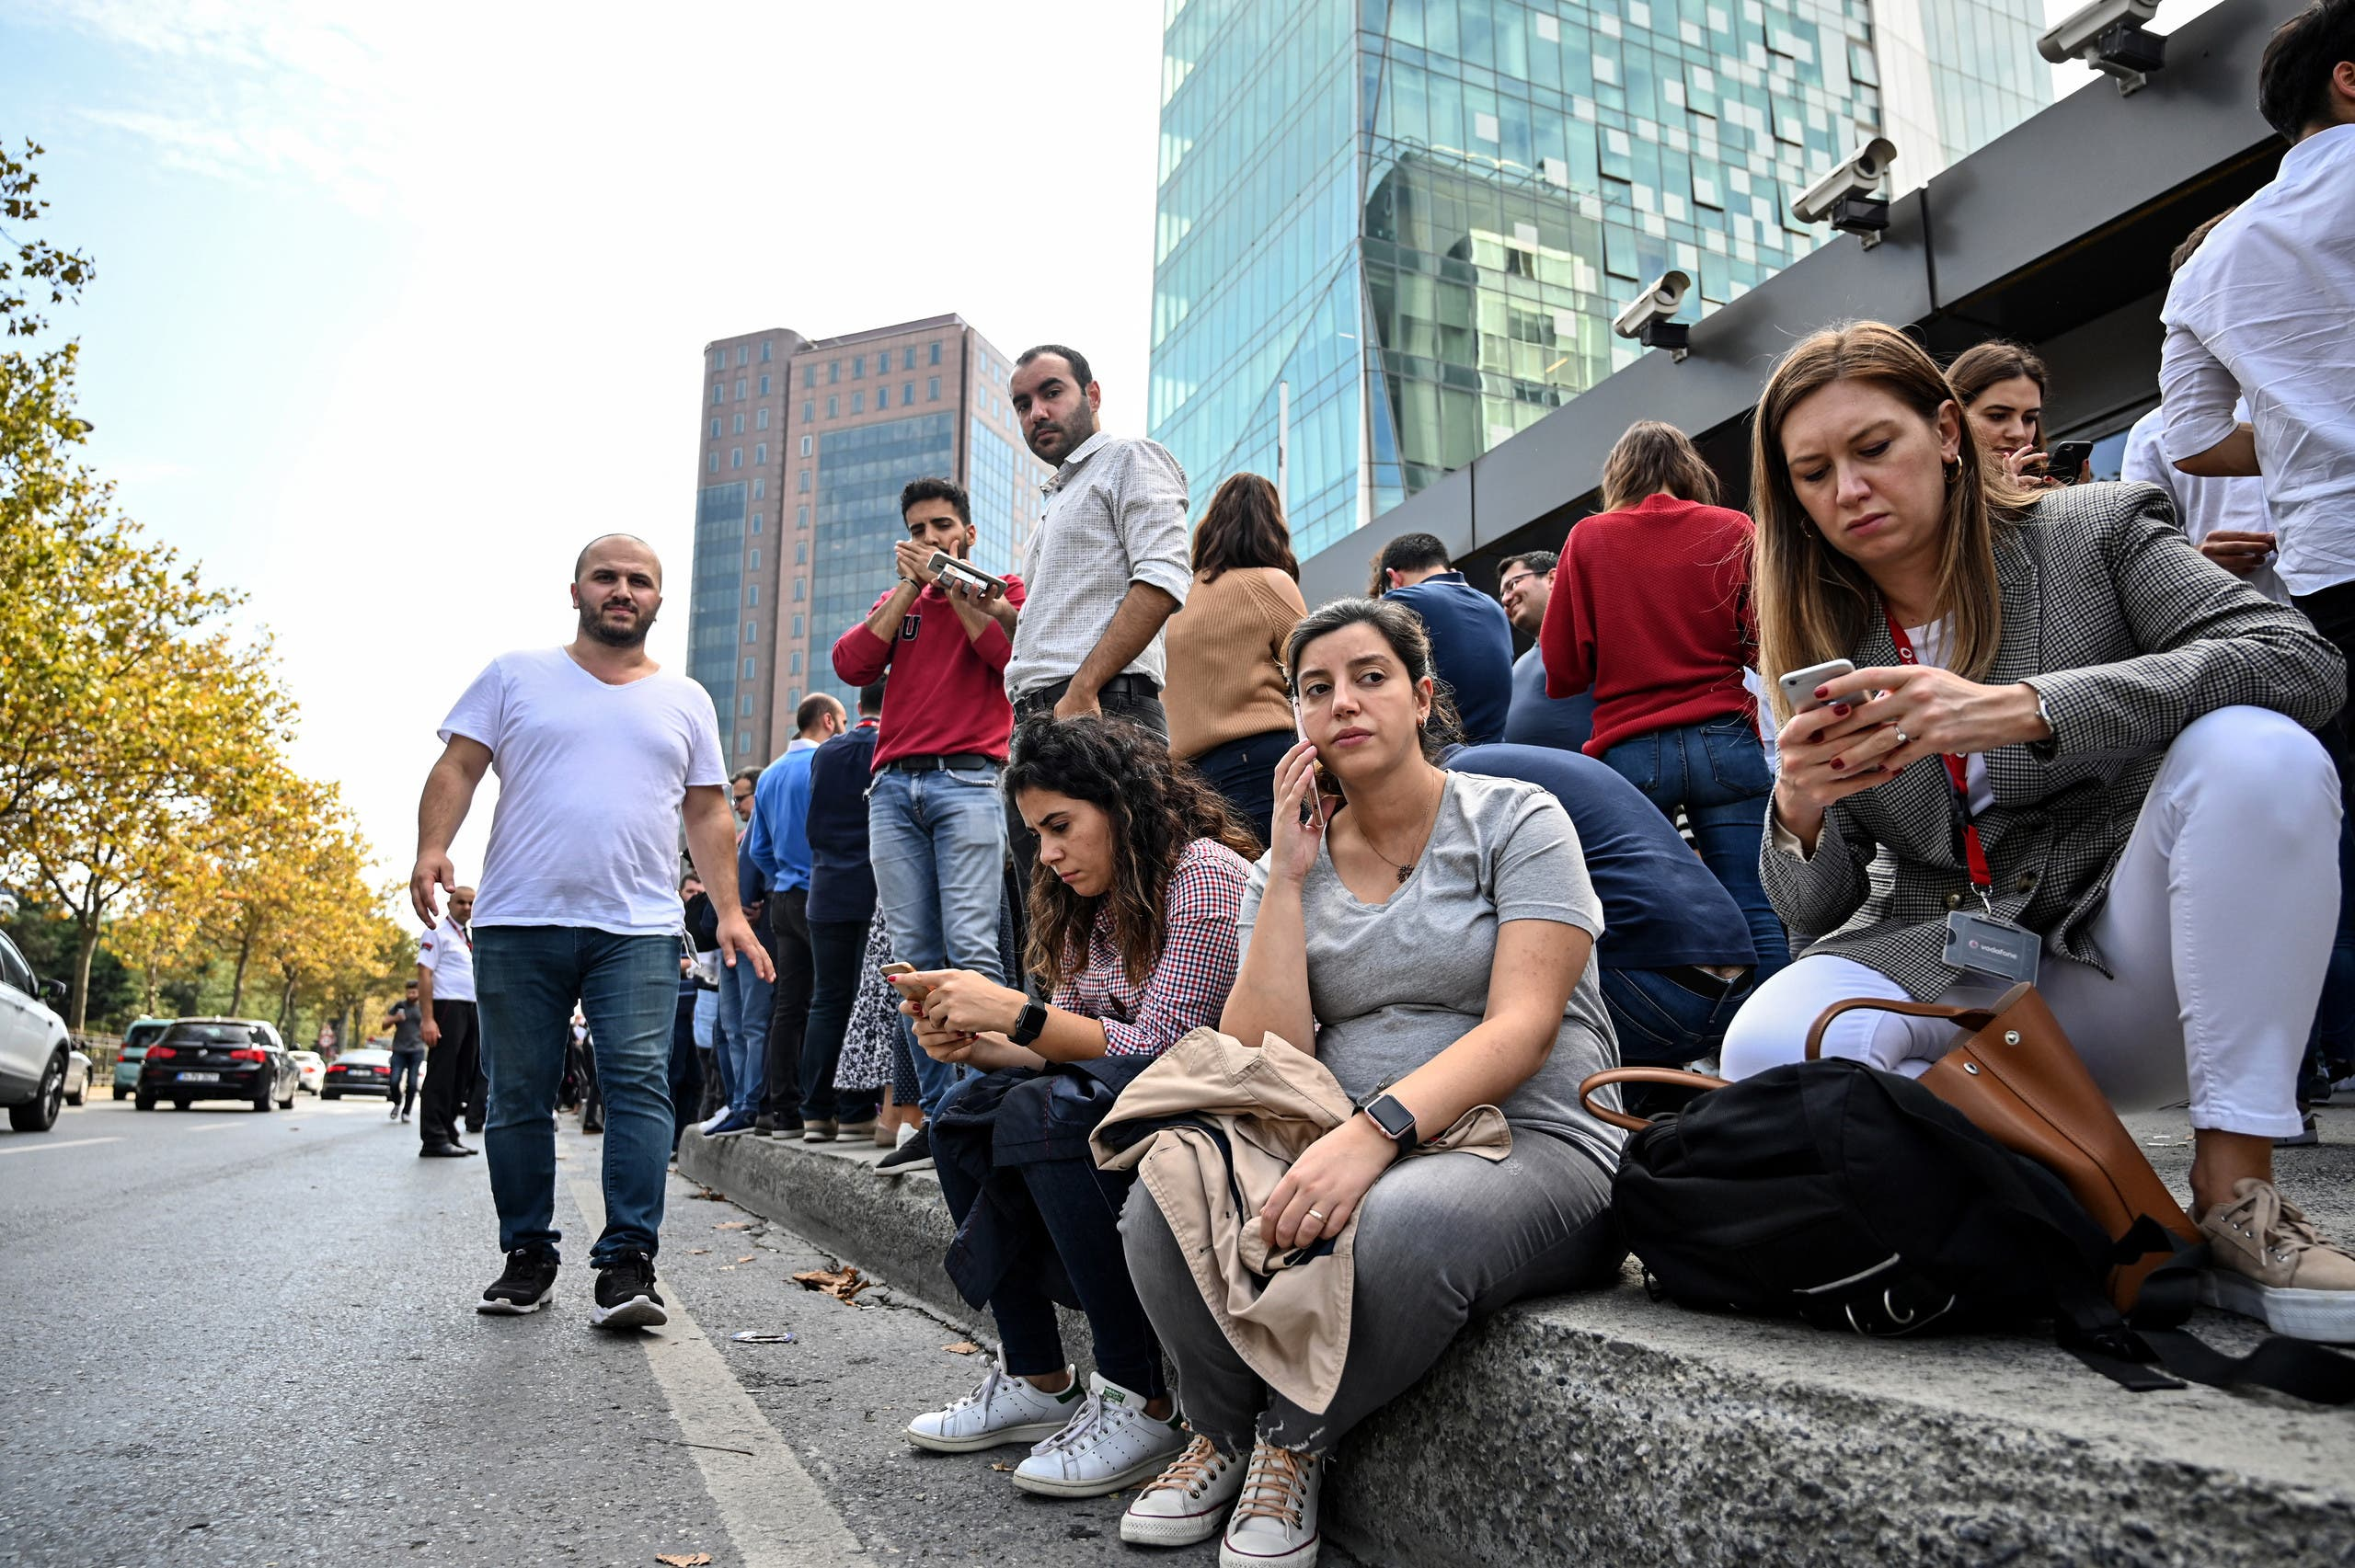 الناس محتشدة في الشارع بعد زلزال اسطنبول (فرانس برس)